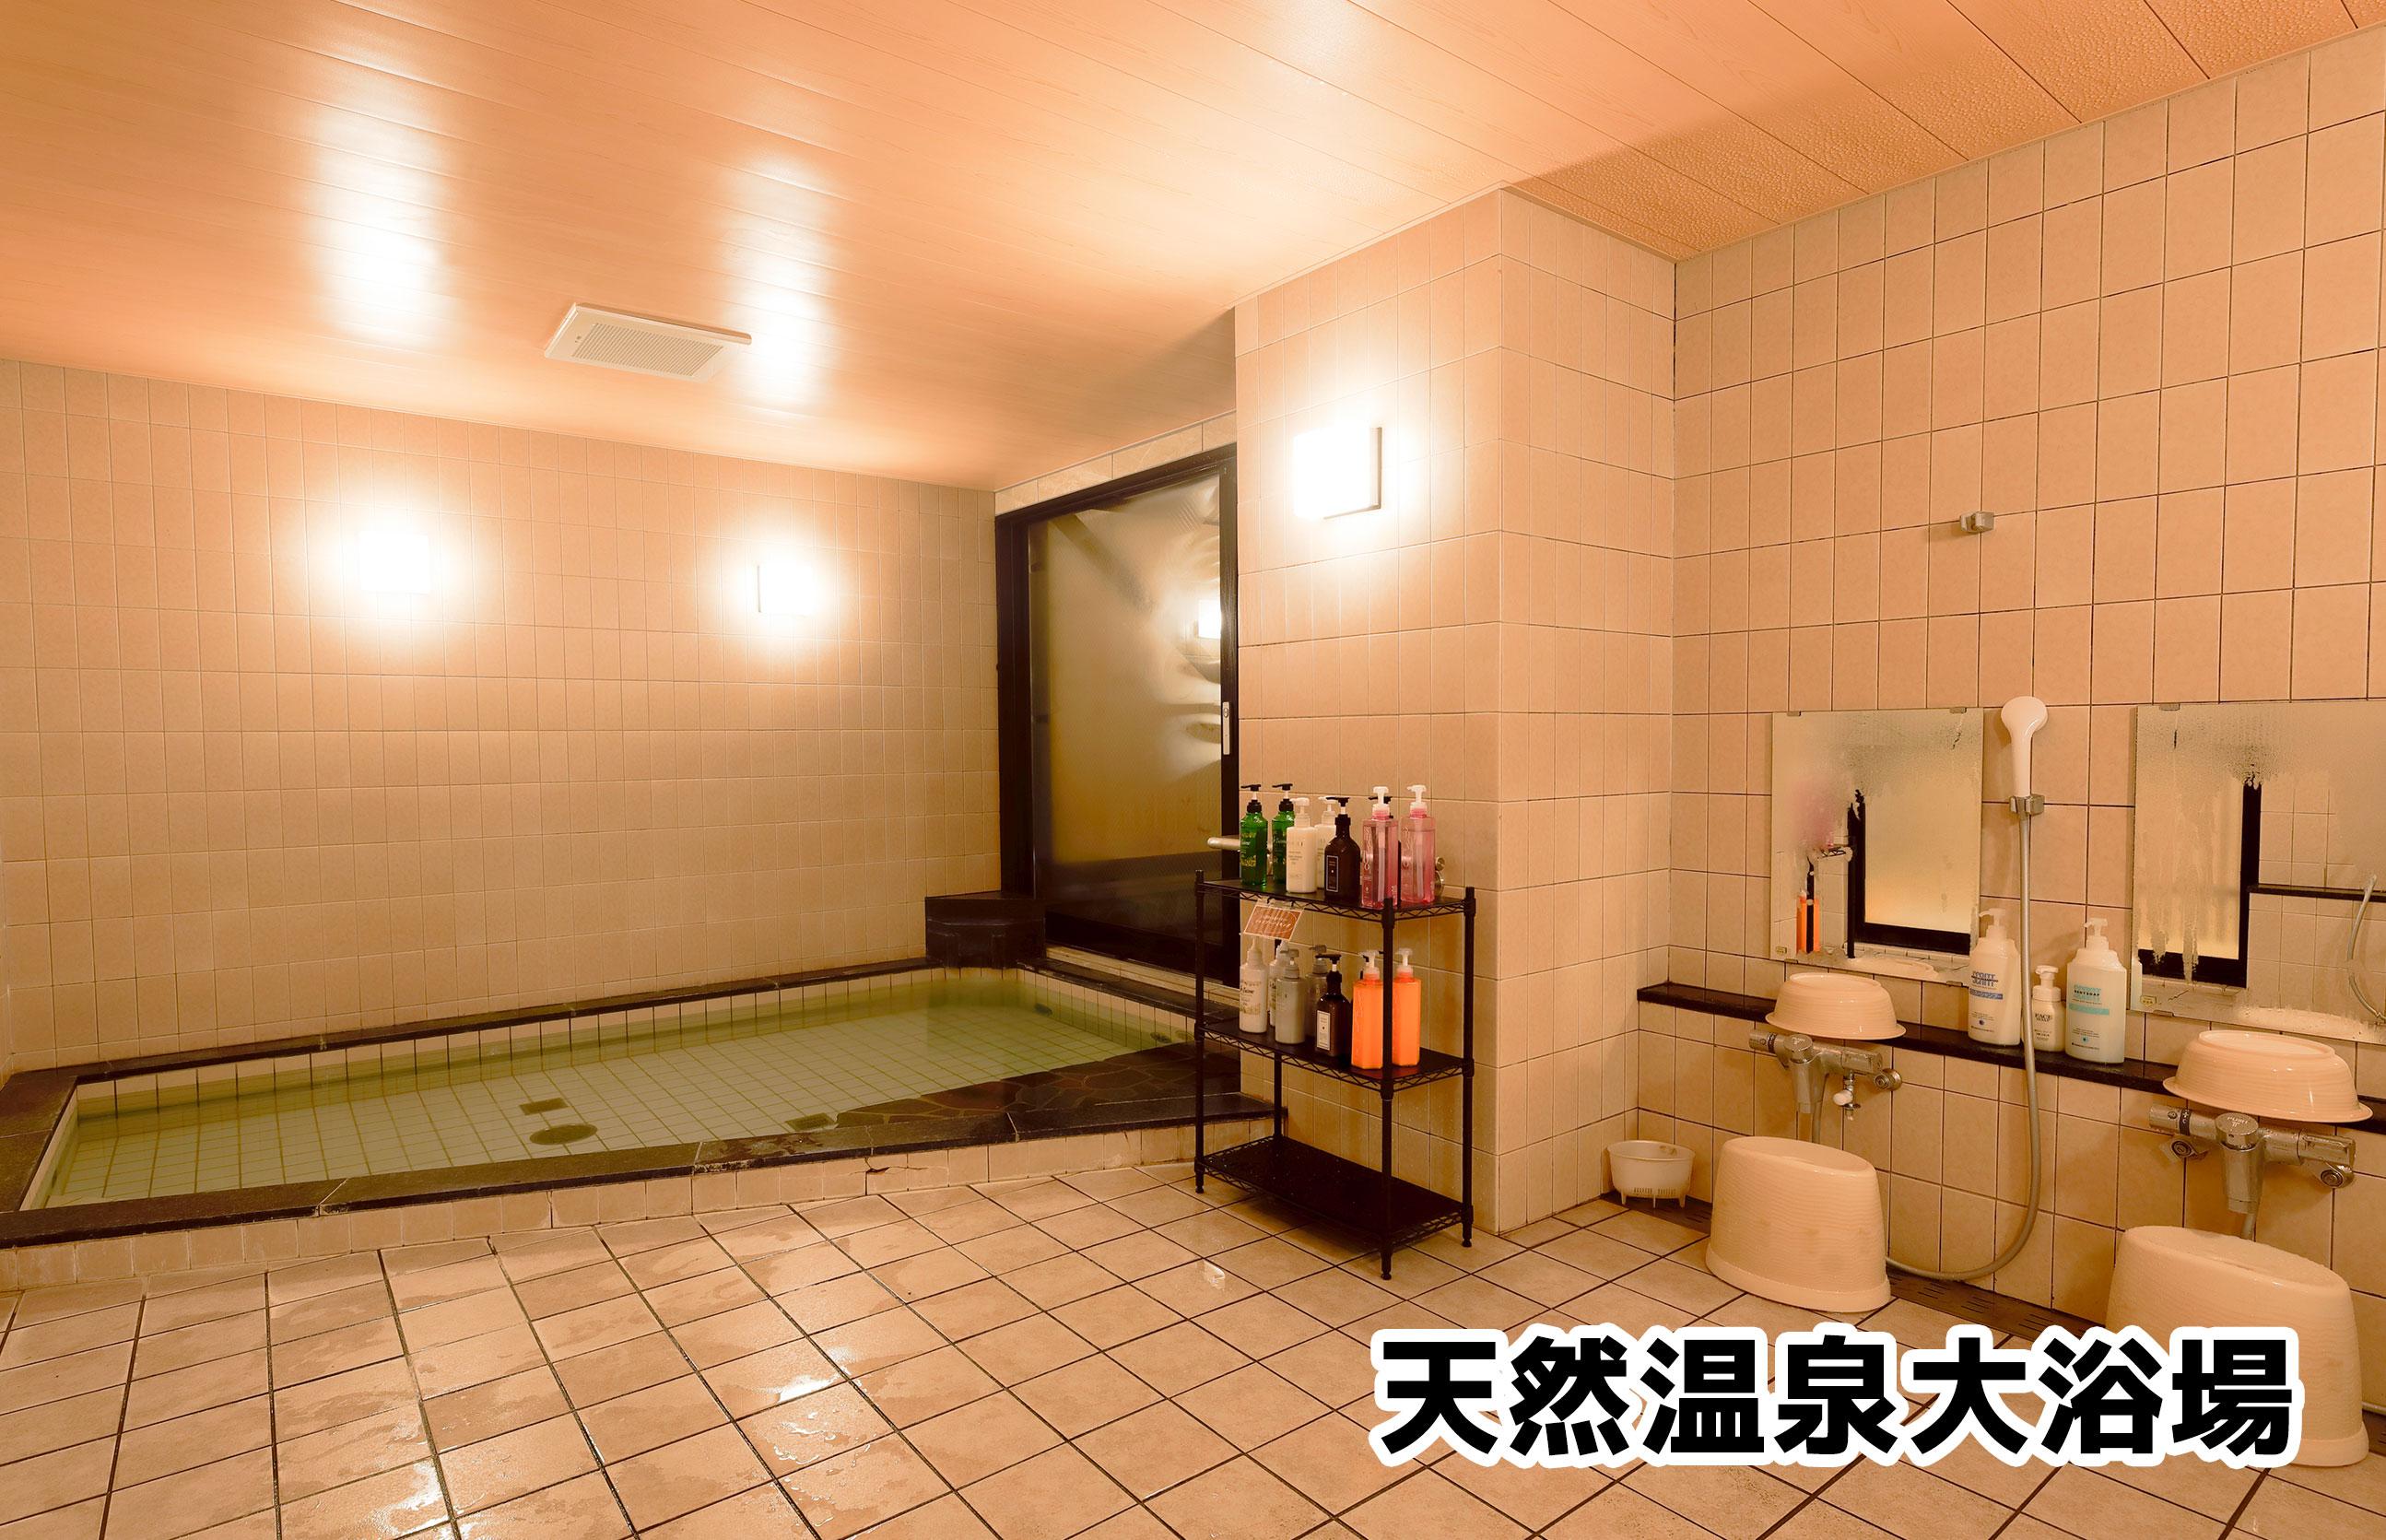 ホテルグランジャム栂池 天然温泉大浴場